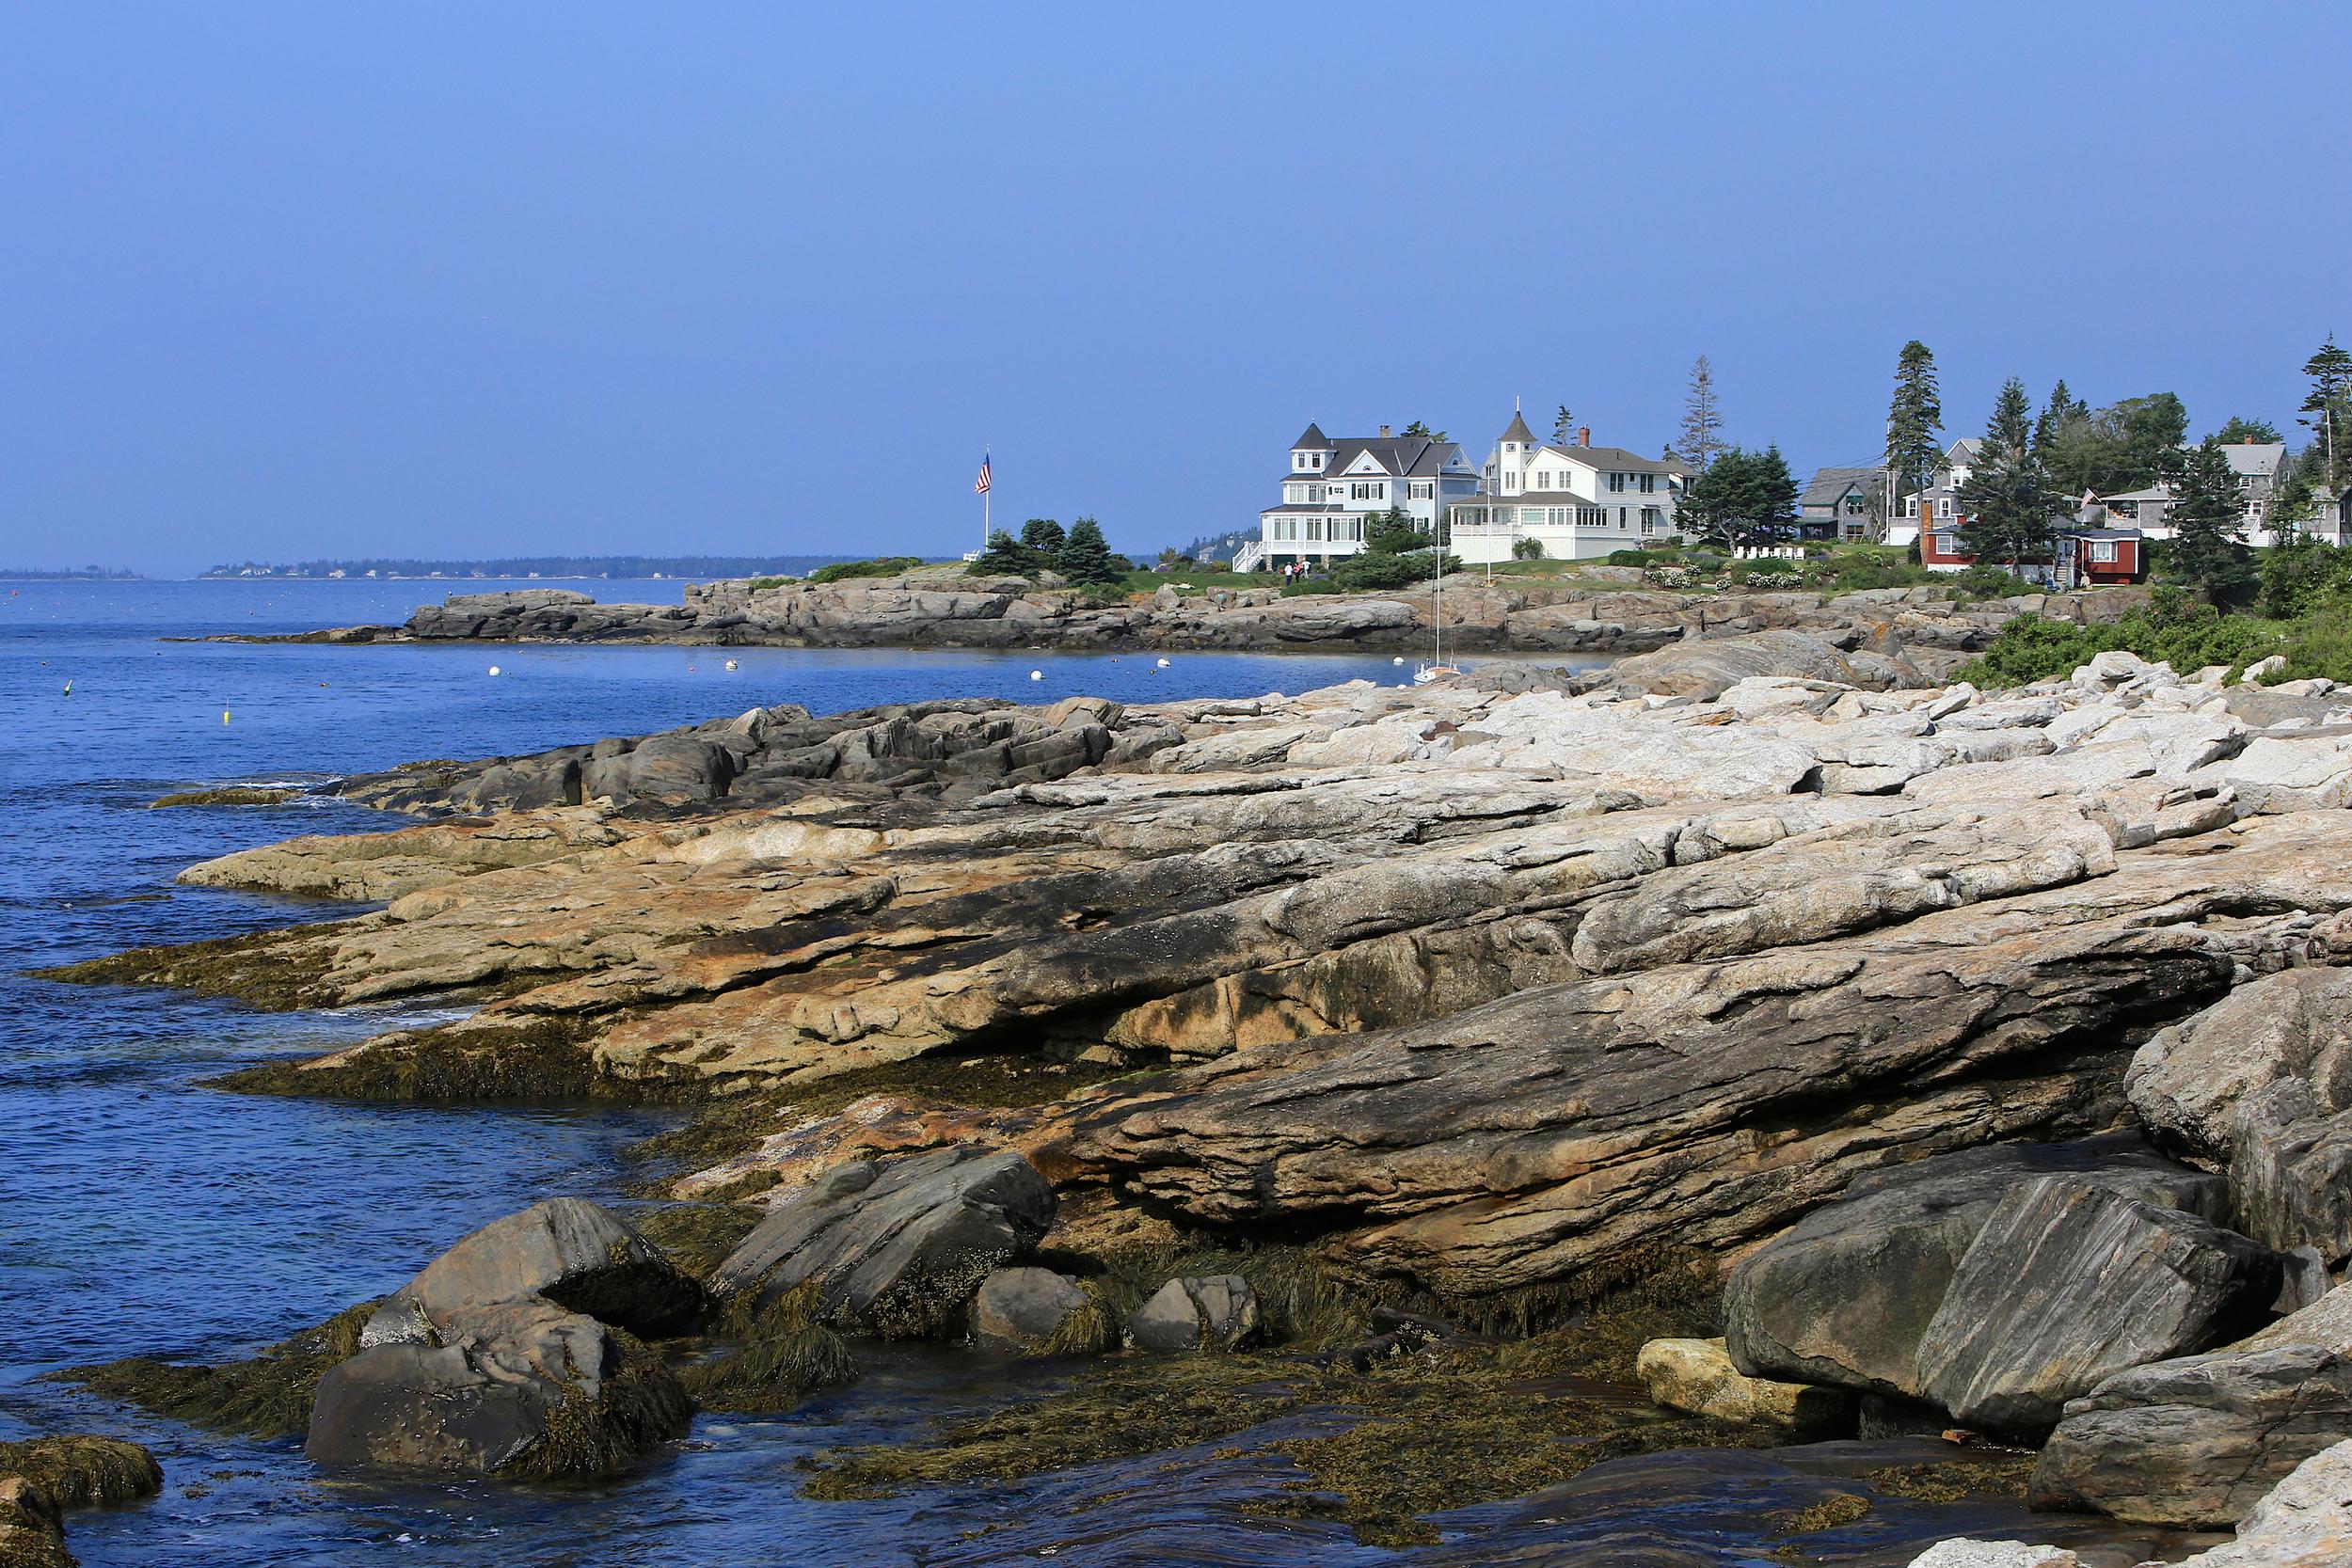 July: Ocean Point